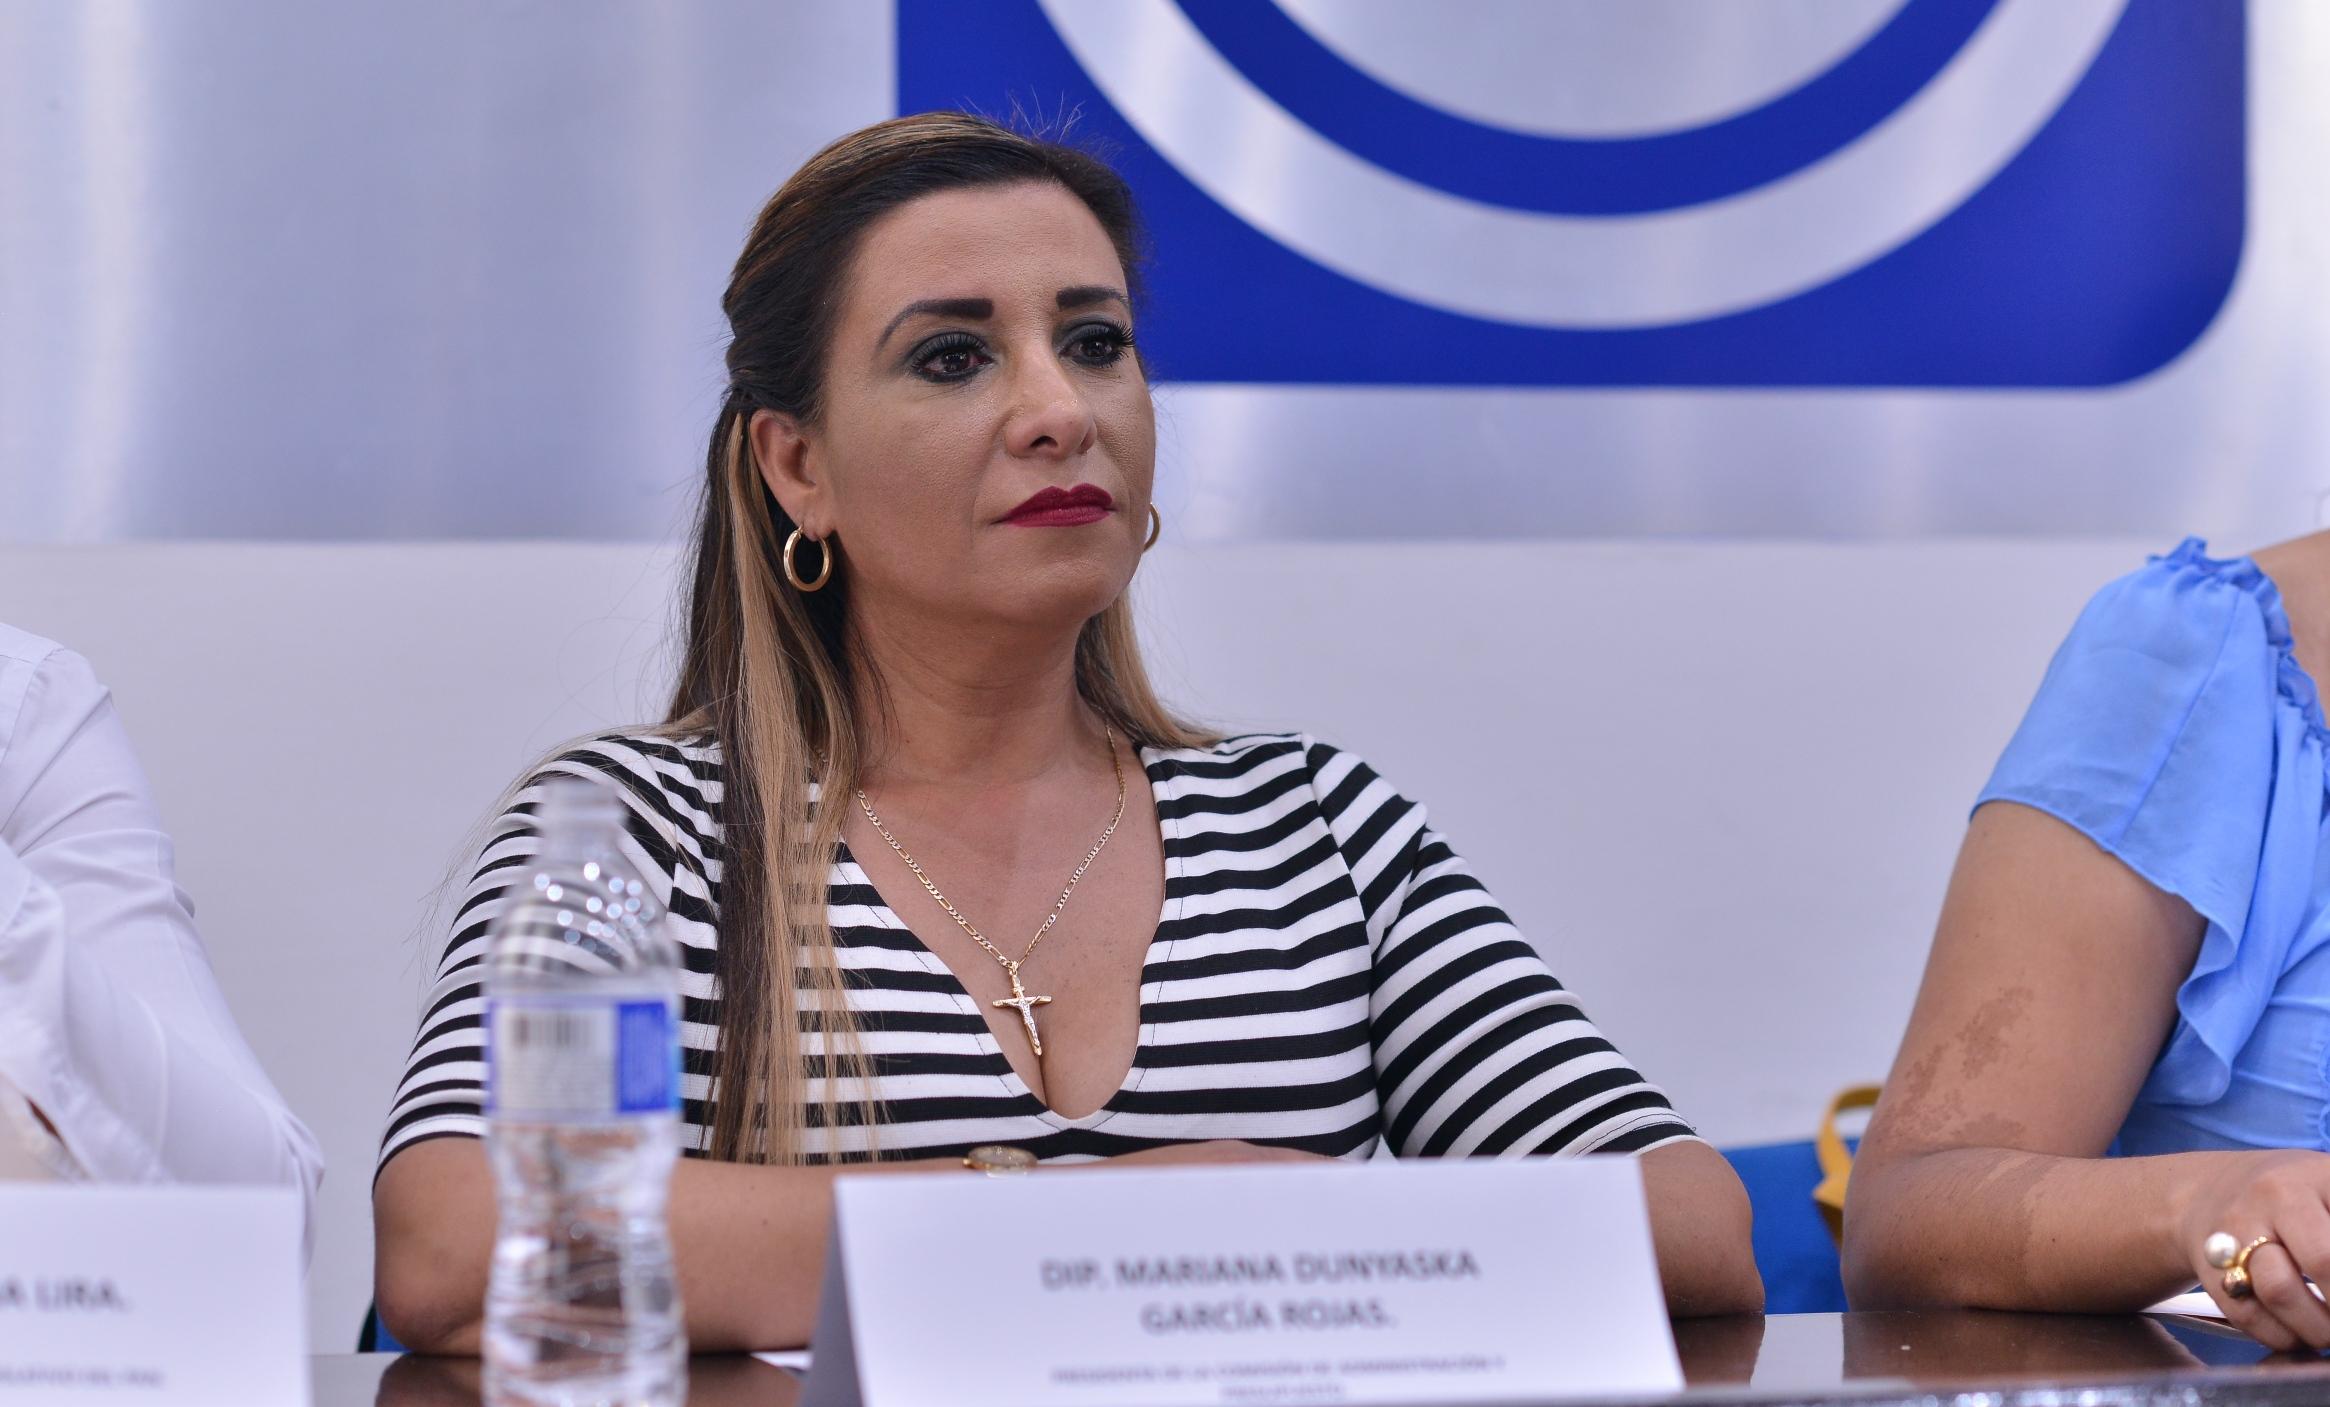 El Estado camina pese al desastre heredado por saqueadores: Mariana Dunyaska